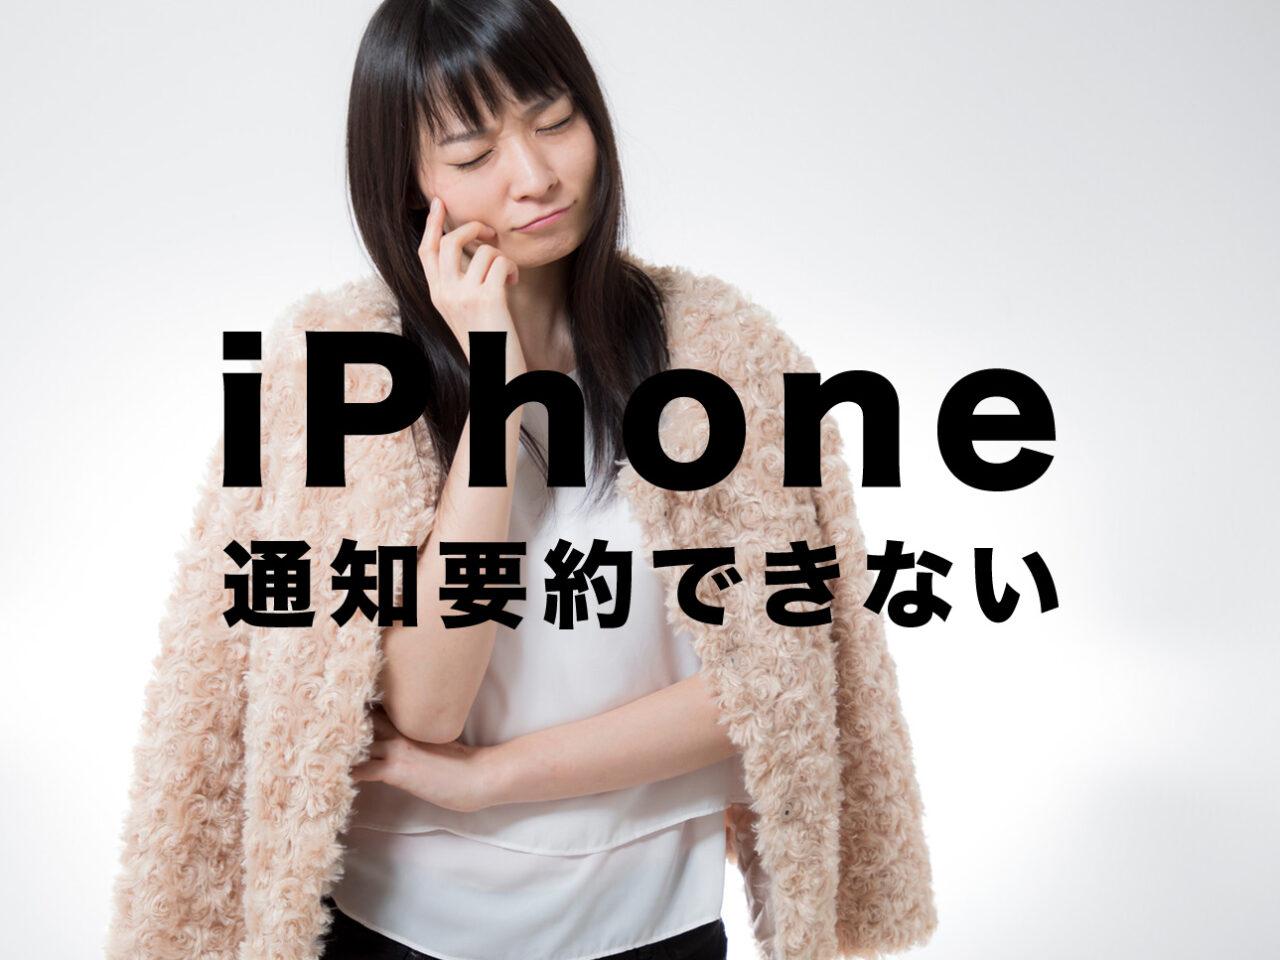 iOS15のiPhoneで通知要約ができない原因は?設定アプリに項目がない場合は?のサムネイル画像